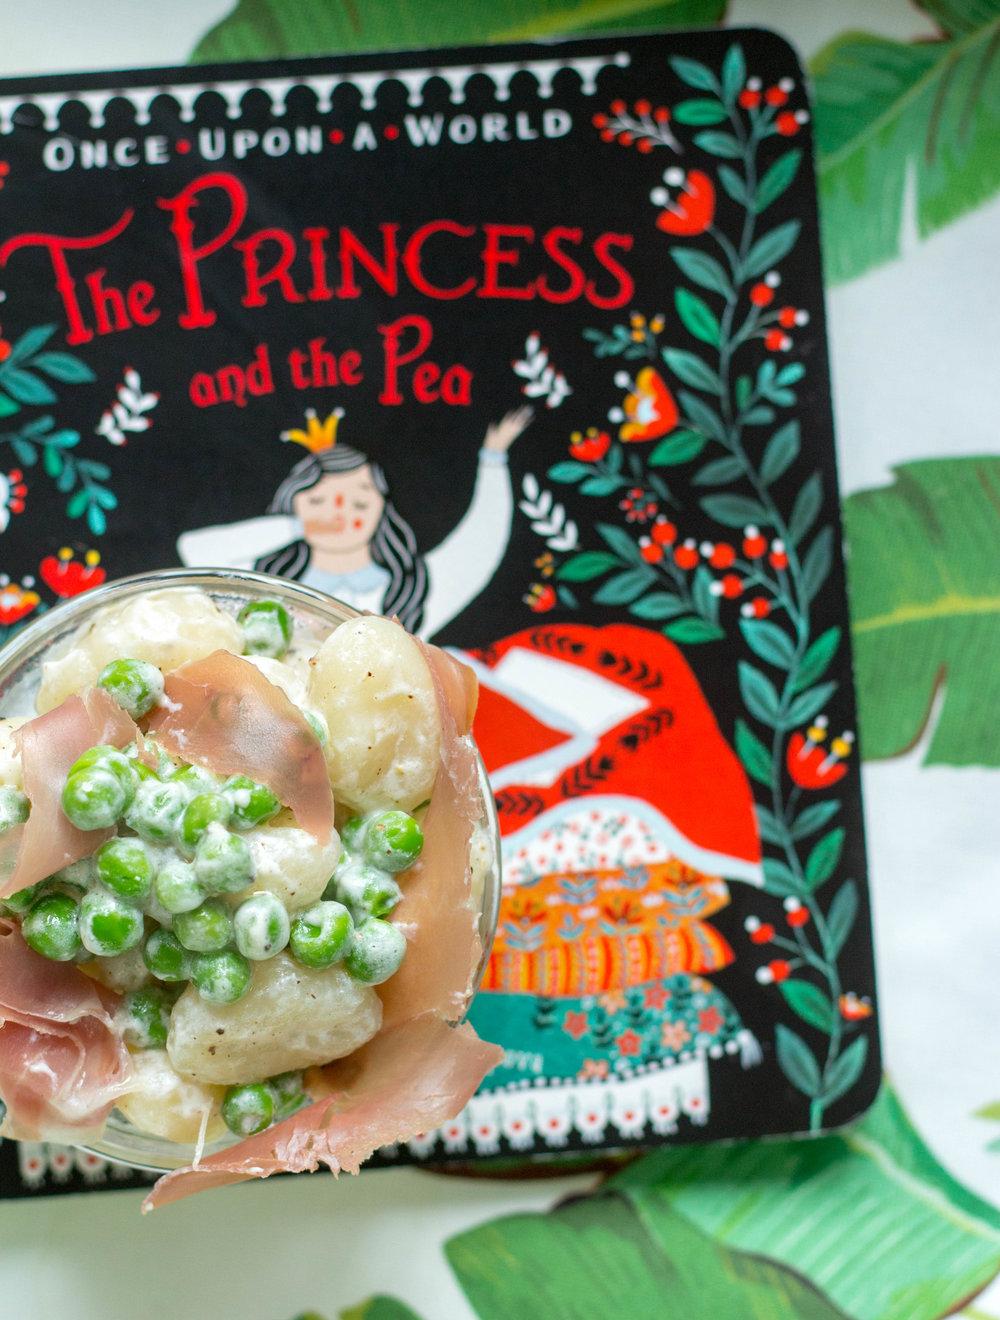 The Royal Wedding Princess and the Pea